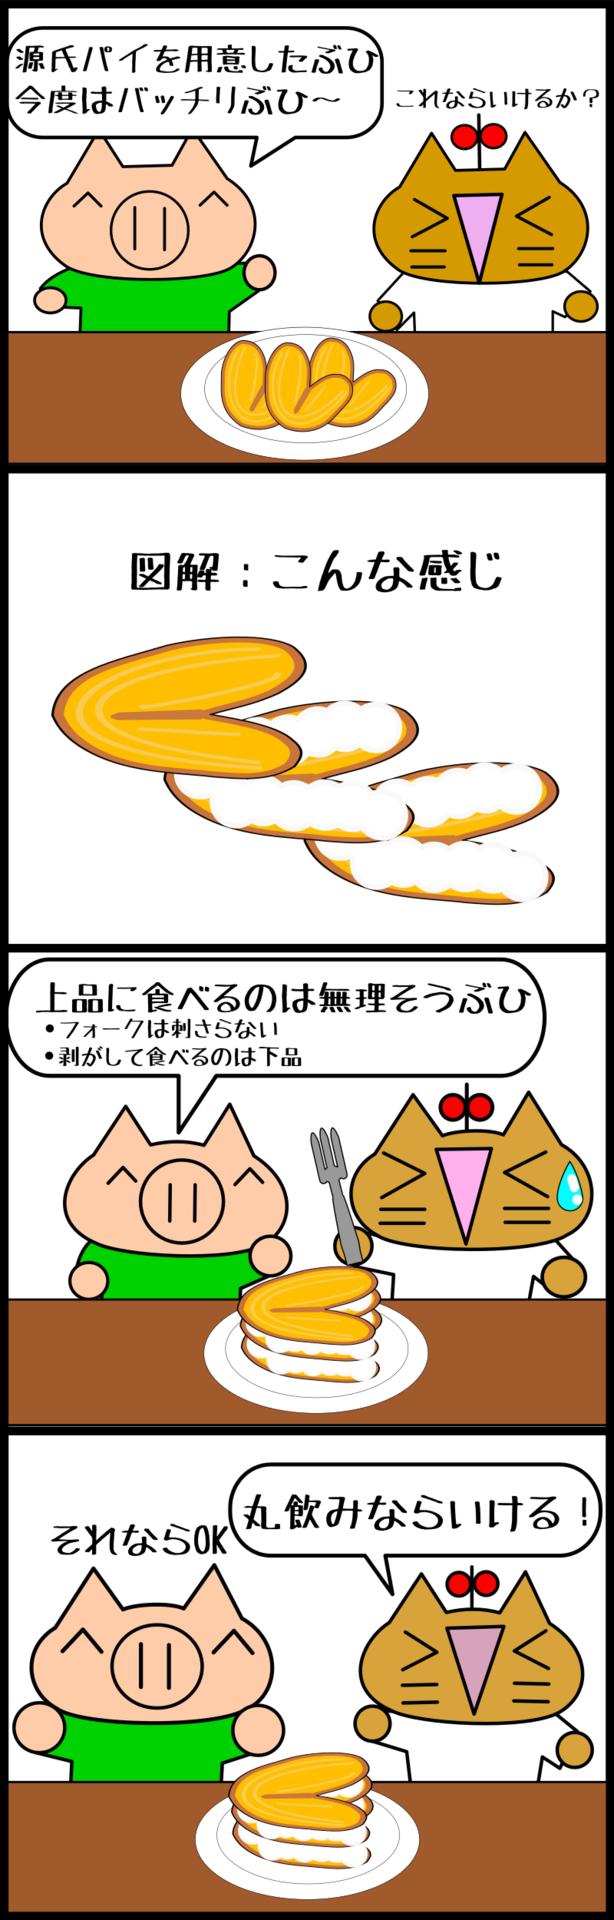 簡単レシピ_その2.png